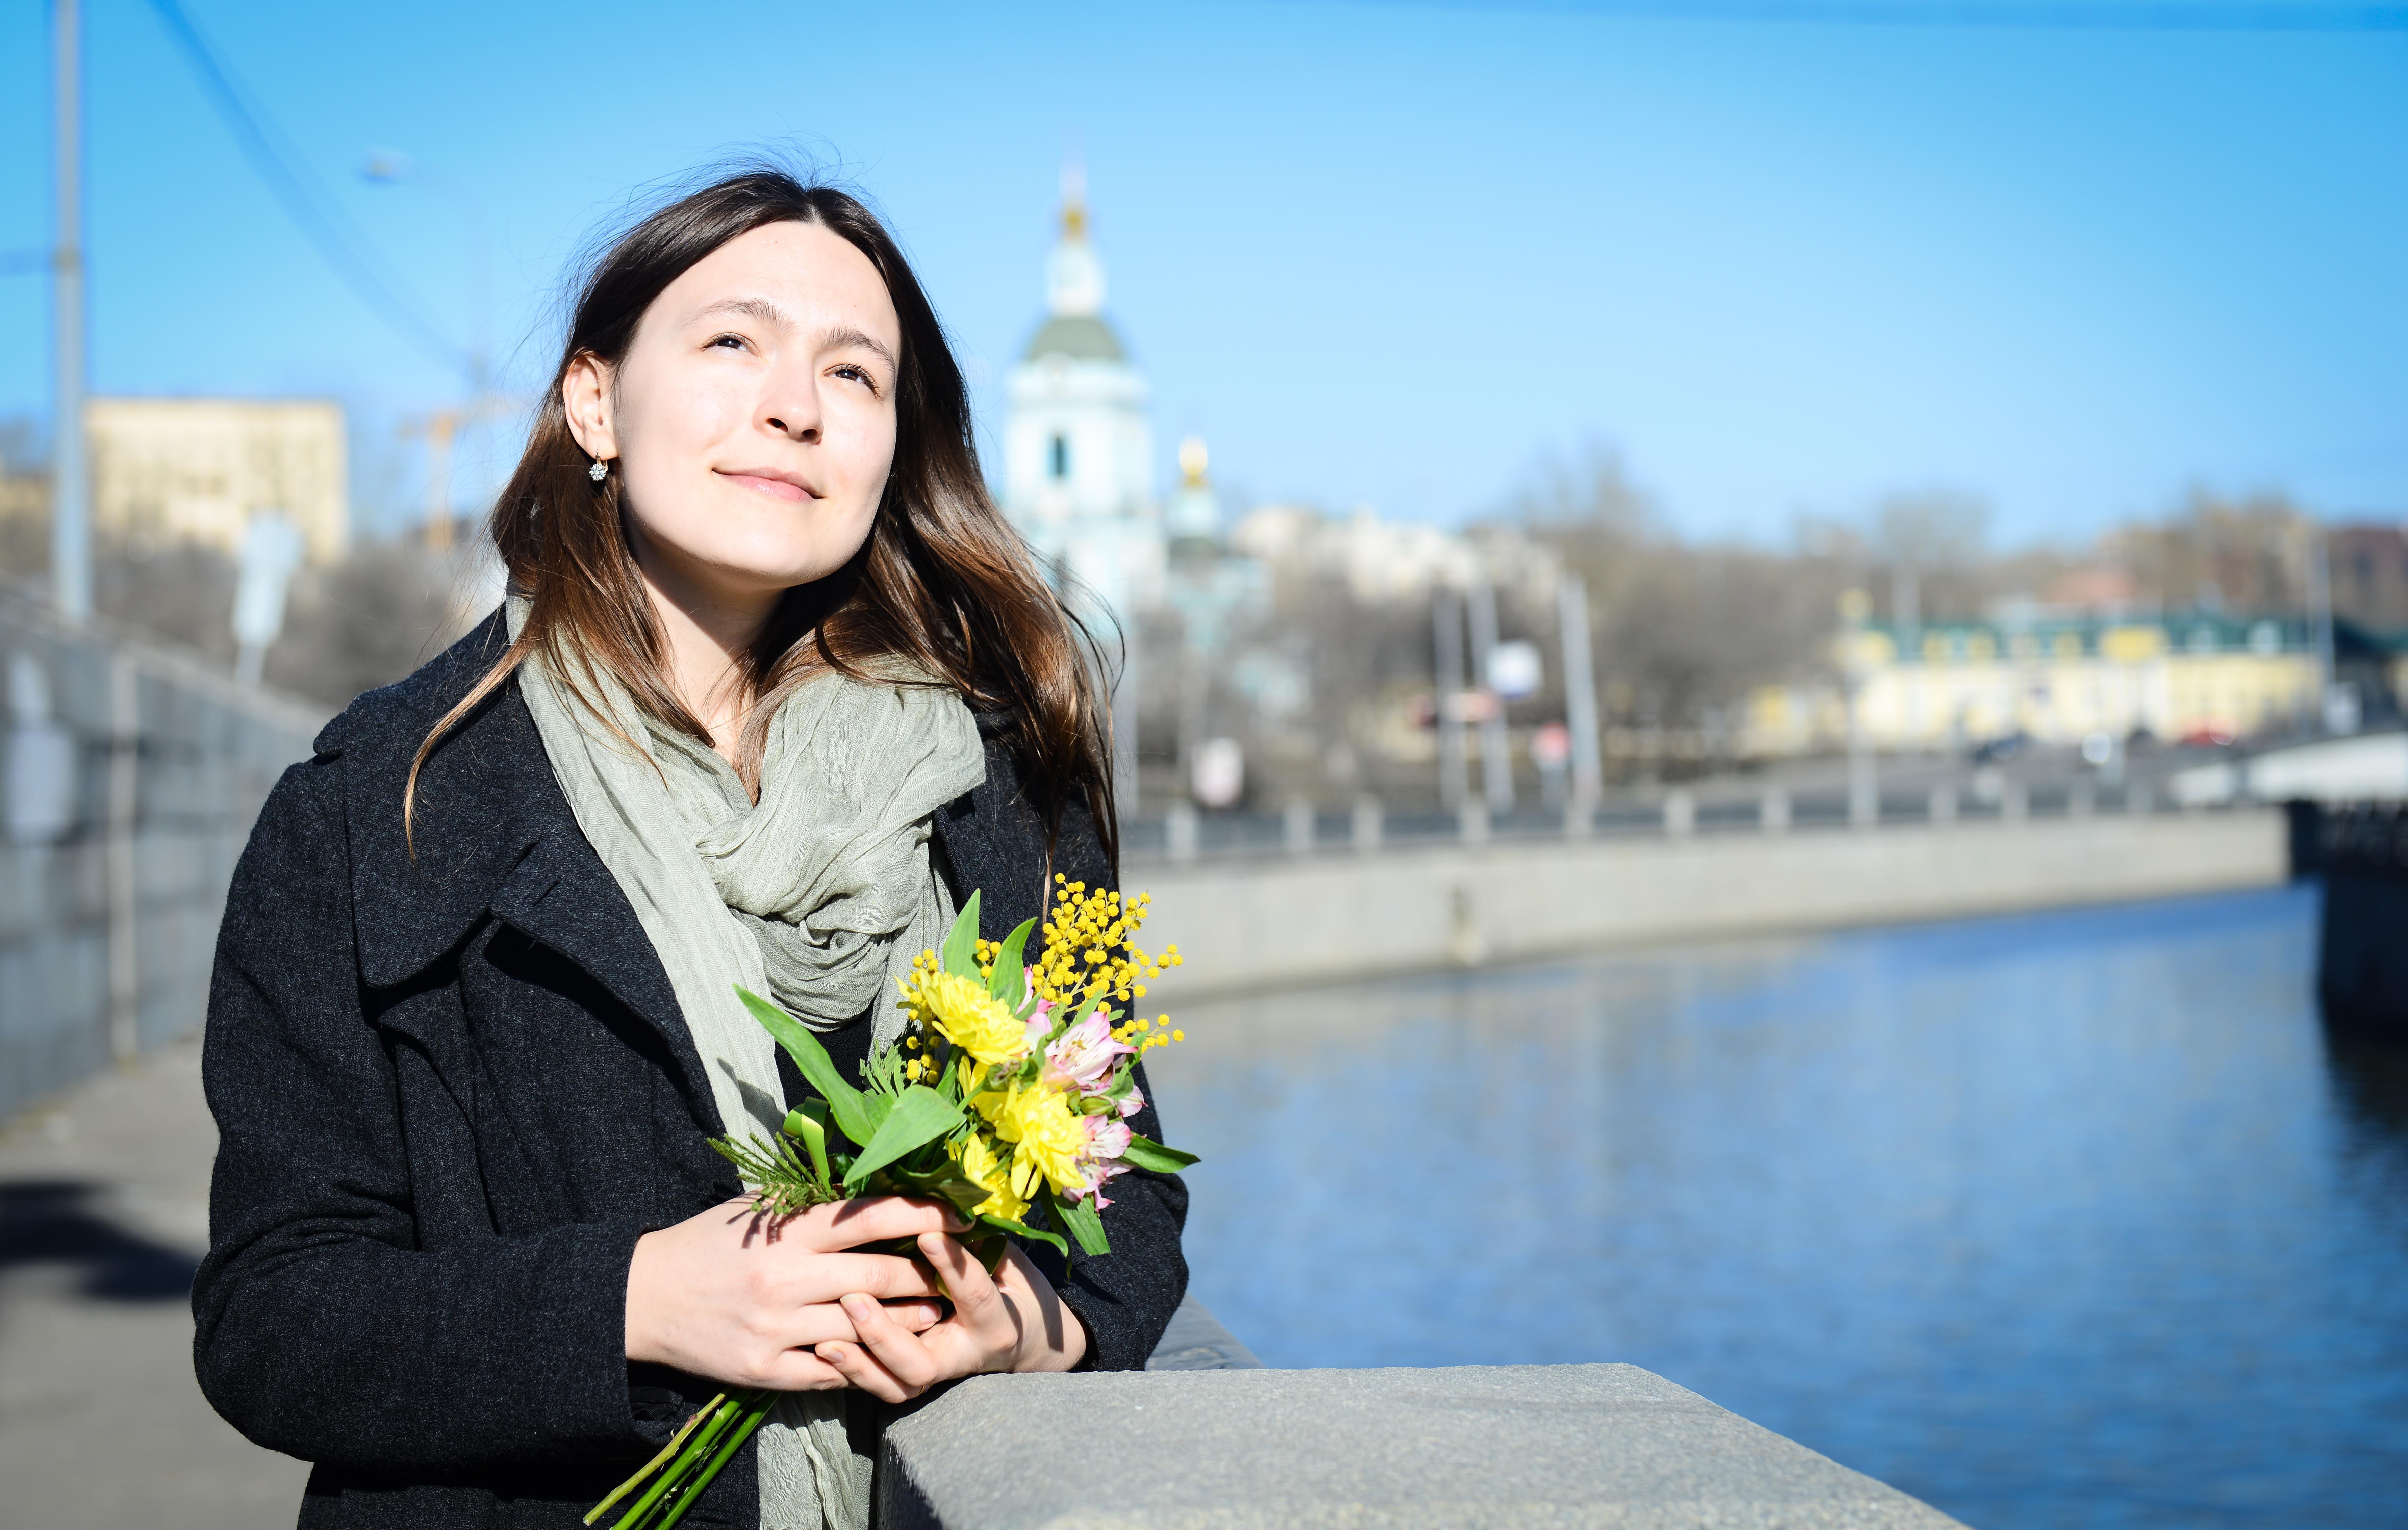 Последний день марта подарит москвичам 12 градусов тепла